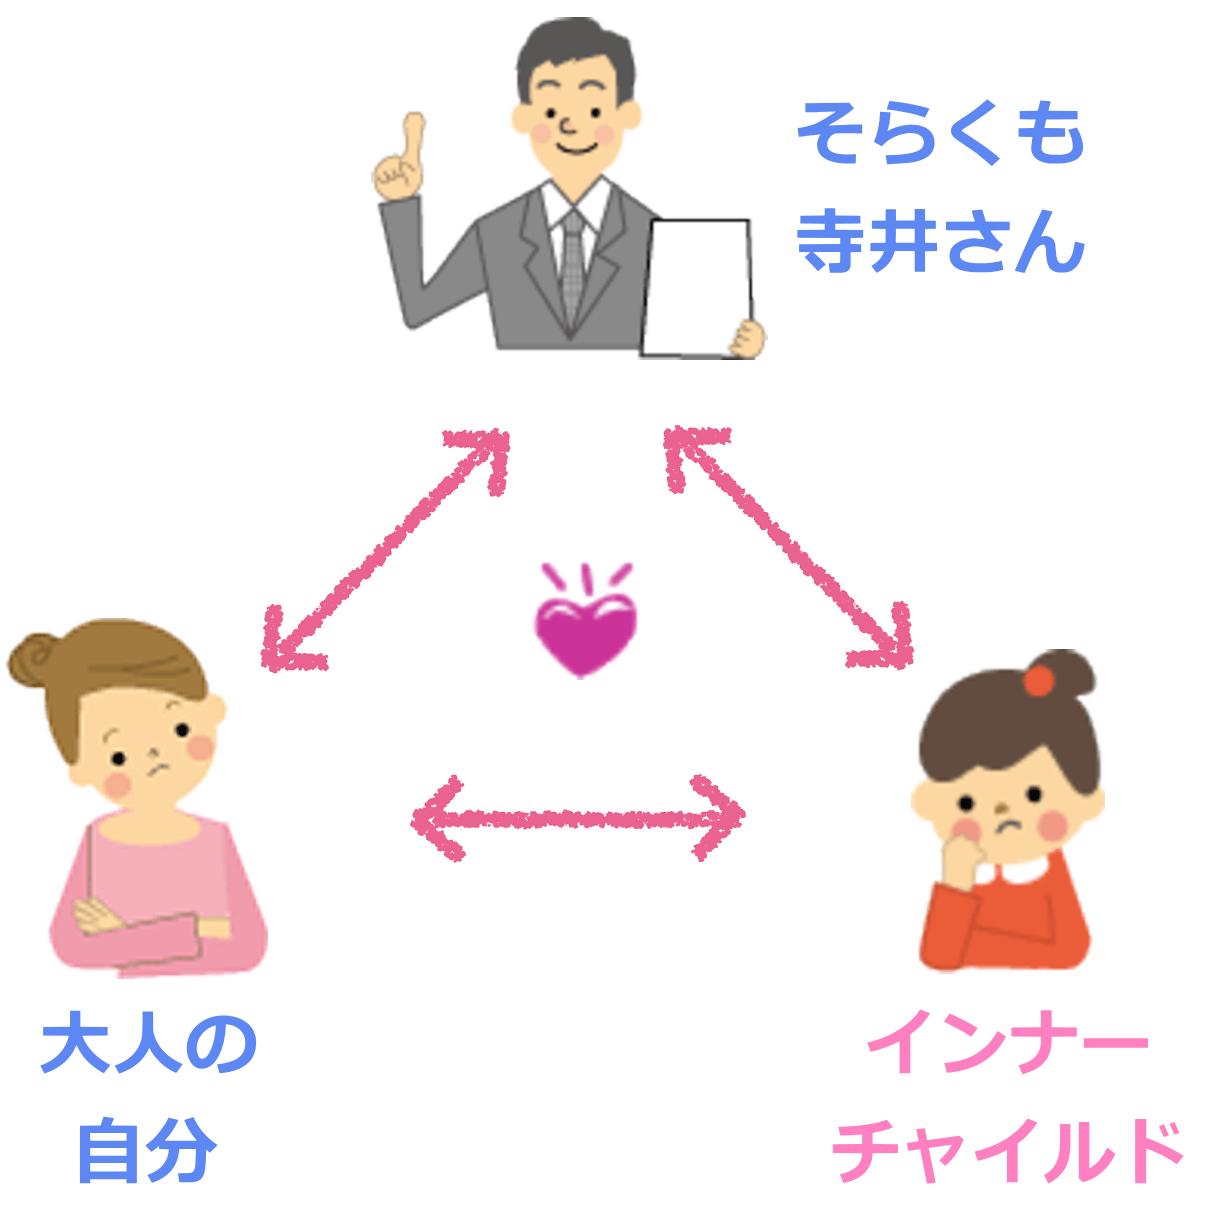 インナーチャイルドセラピーの概念を表すイメージ